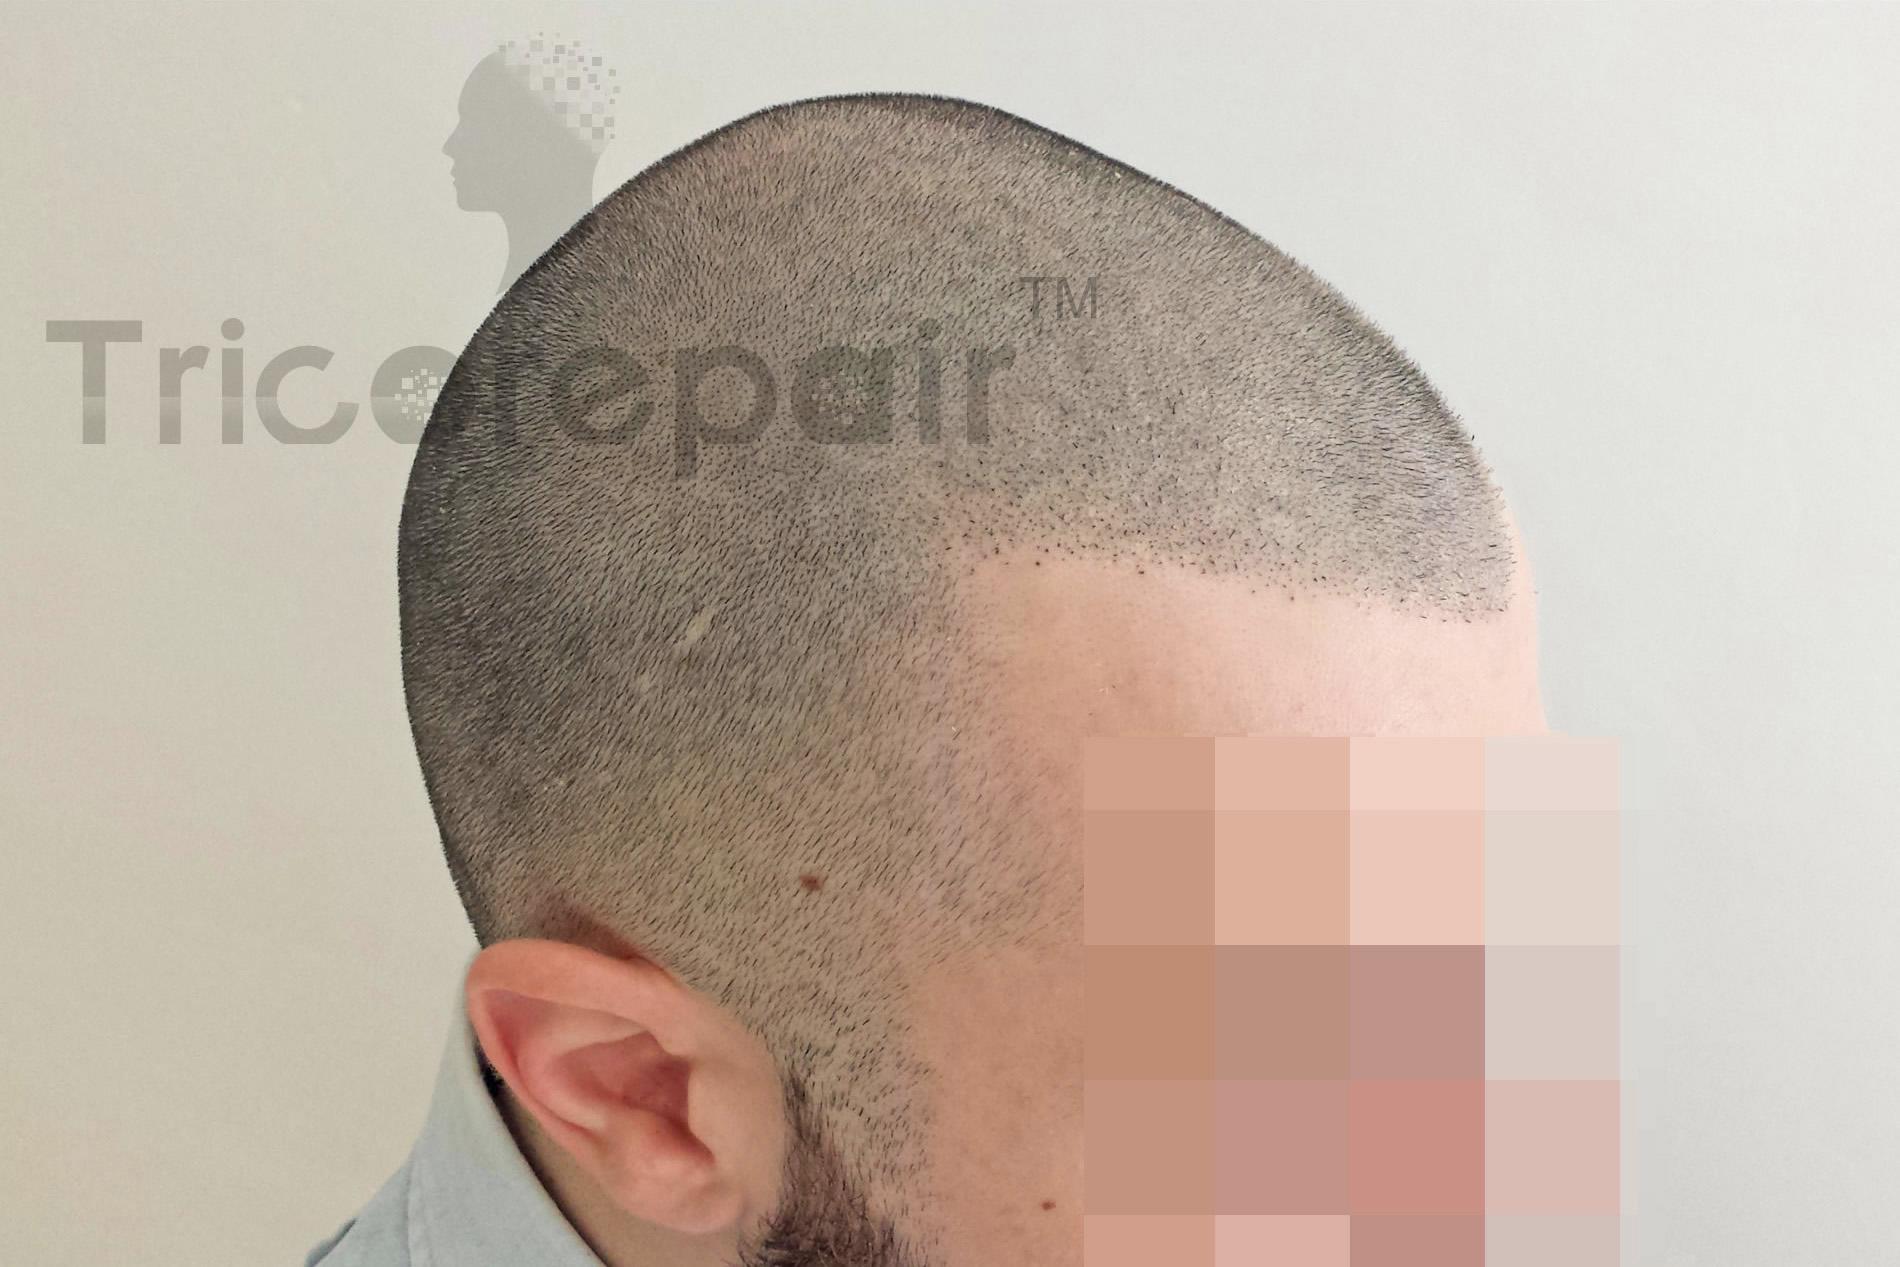 Effetto rasato su innesti post autotrapianto - Dopo il trattamento di tricopigmentazione